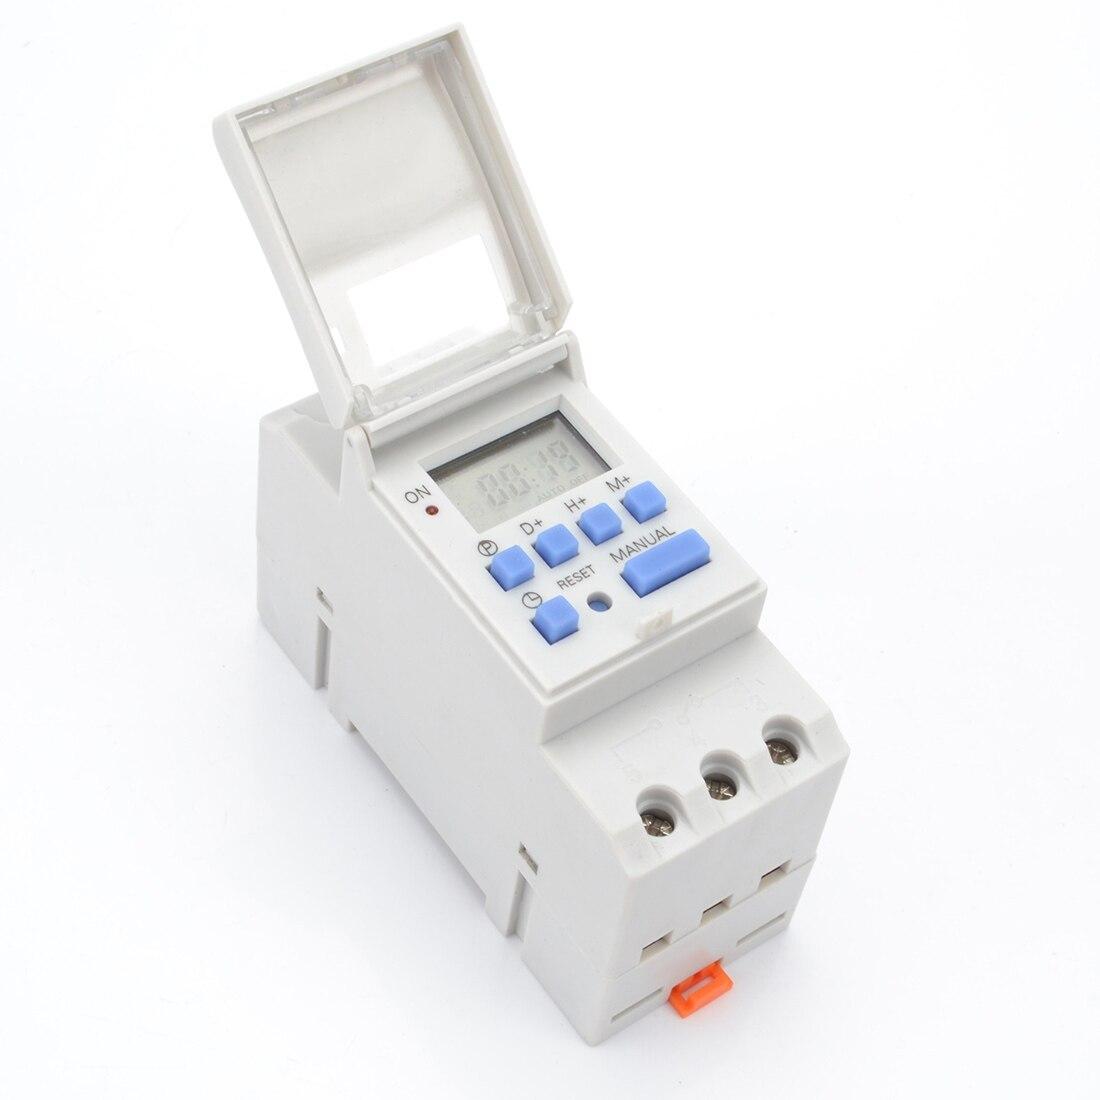 Heißer Verkauf 1 Stück Digitale Programmierbare Timer Schalter Ac 220 V/110 V Dc 12 V 16a Temporizador Din Schiene Timer Schalter Messung Und Analyse Instrumente